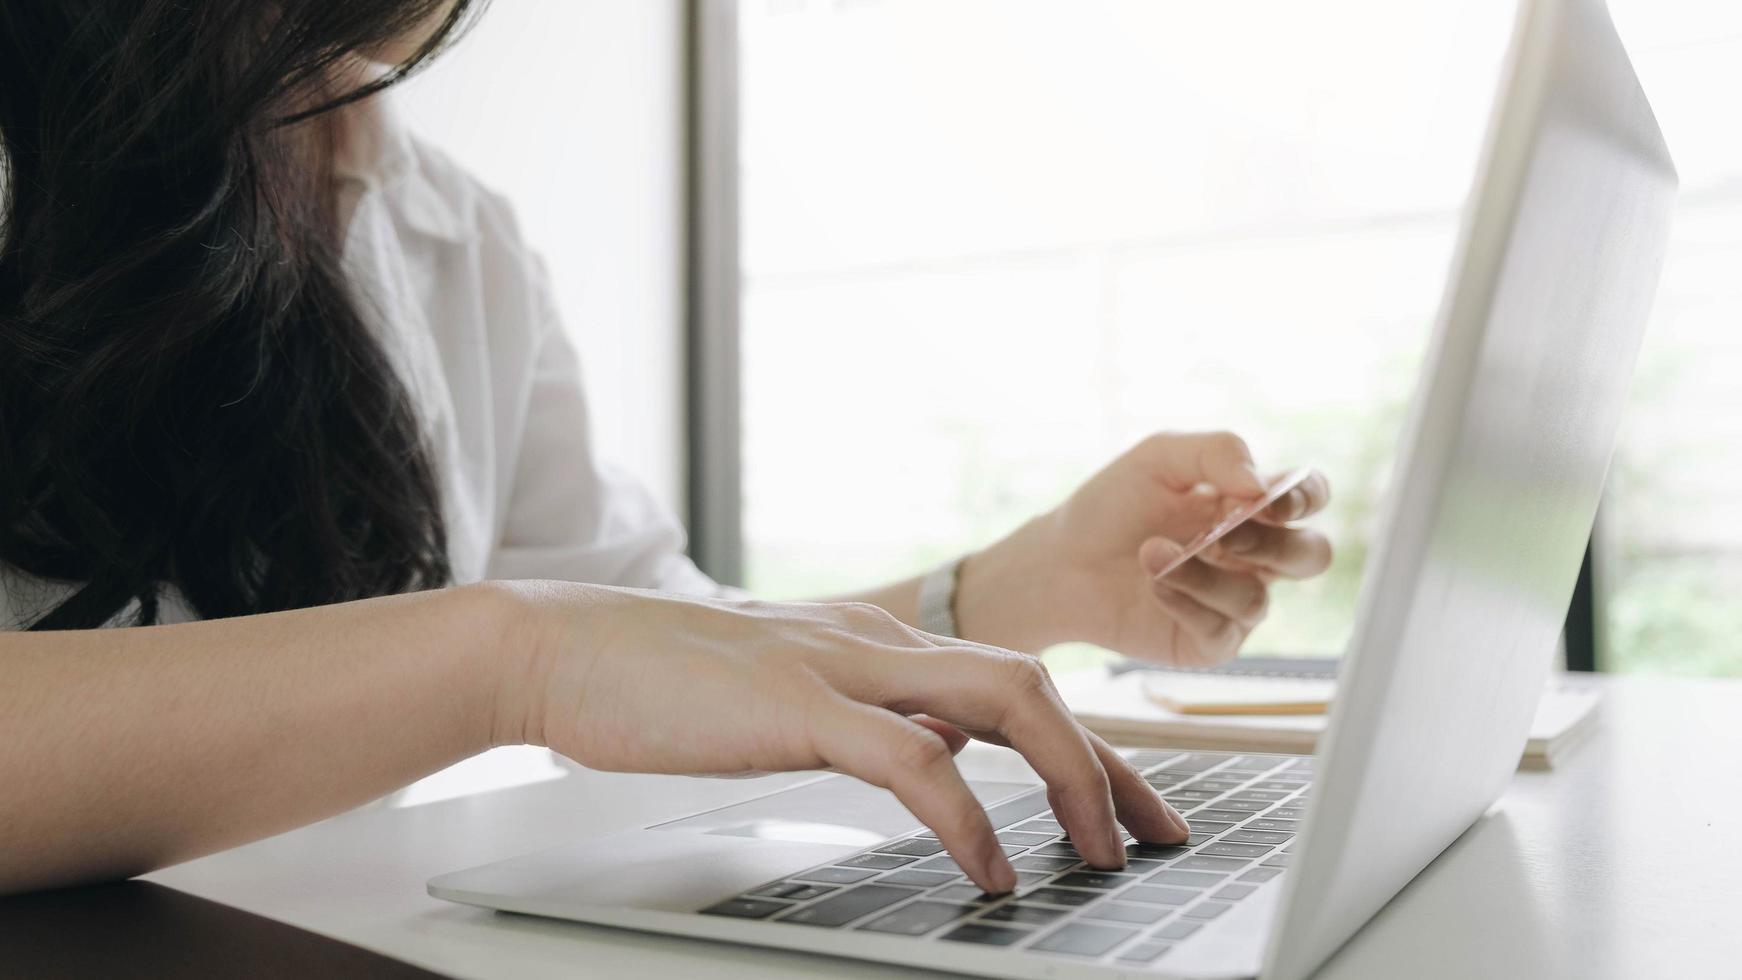 kvinna gör online beställning foto